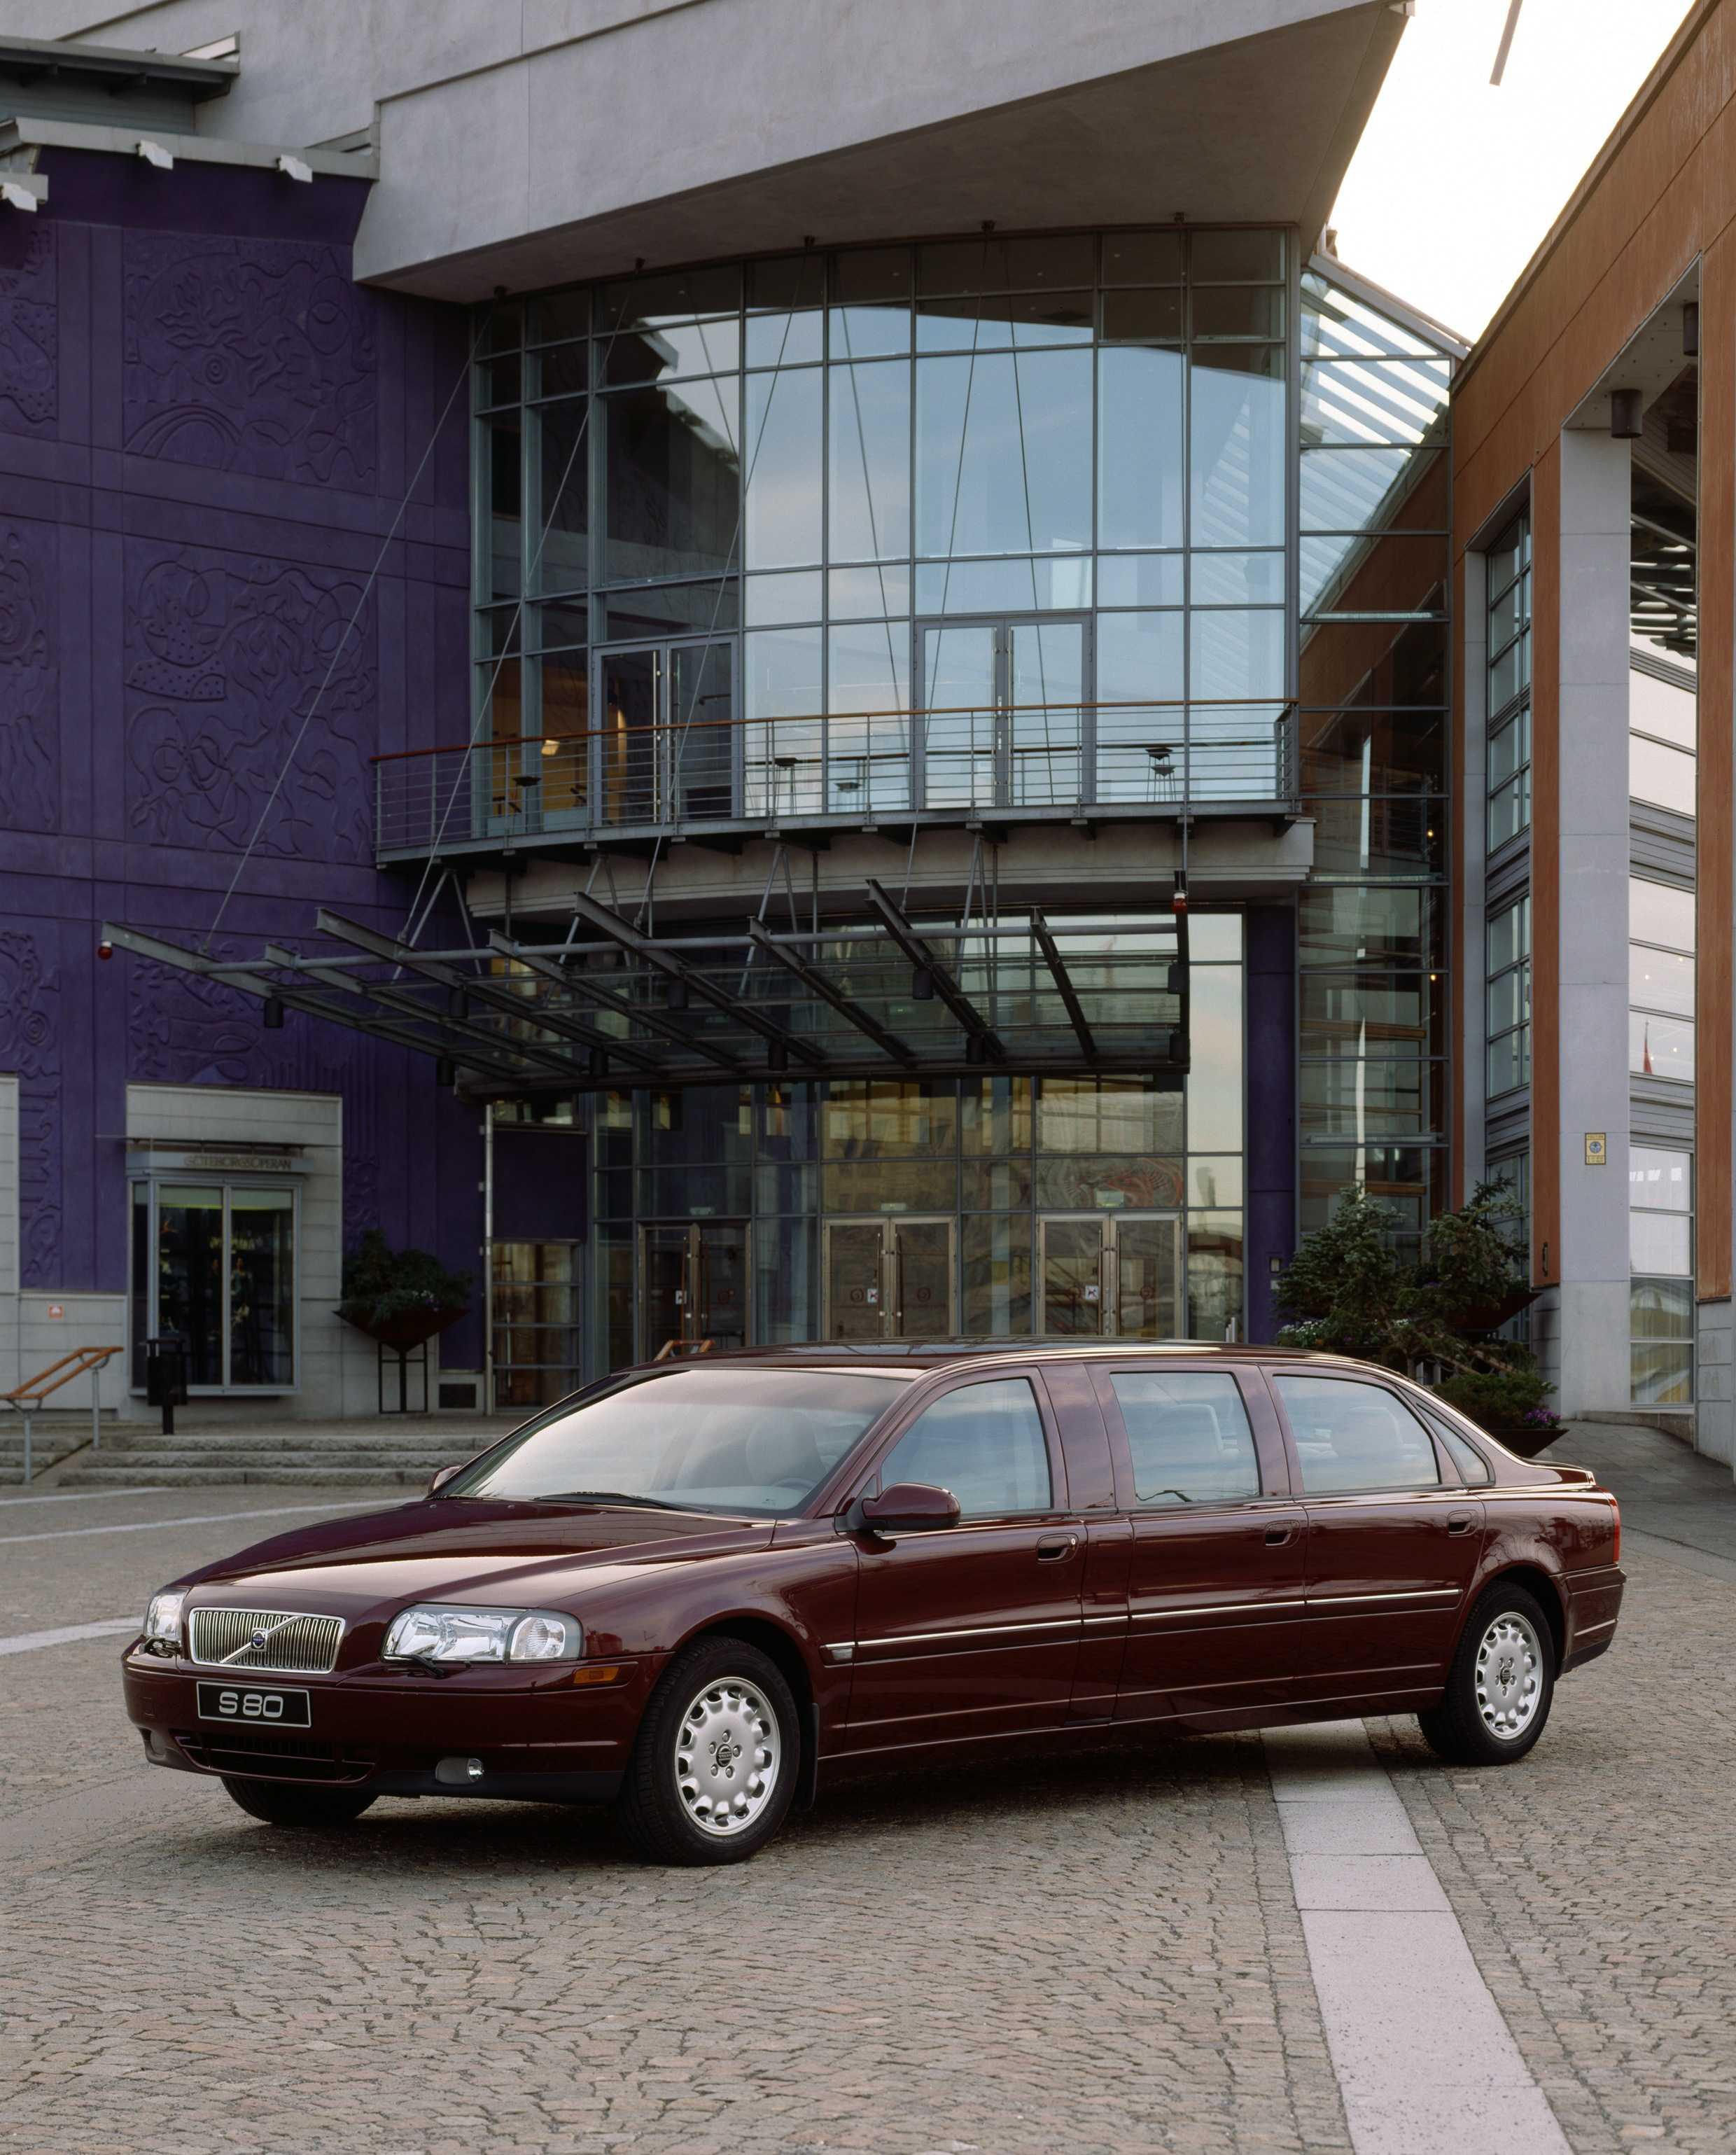 S Limousine on 2000 Volvo S80